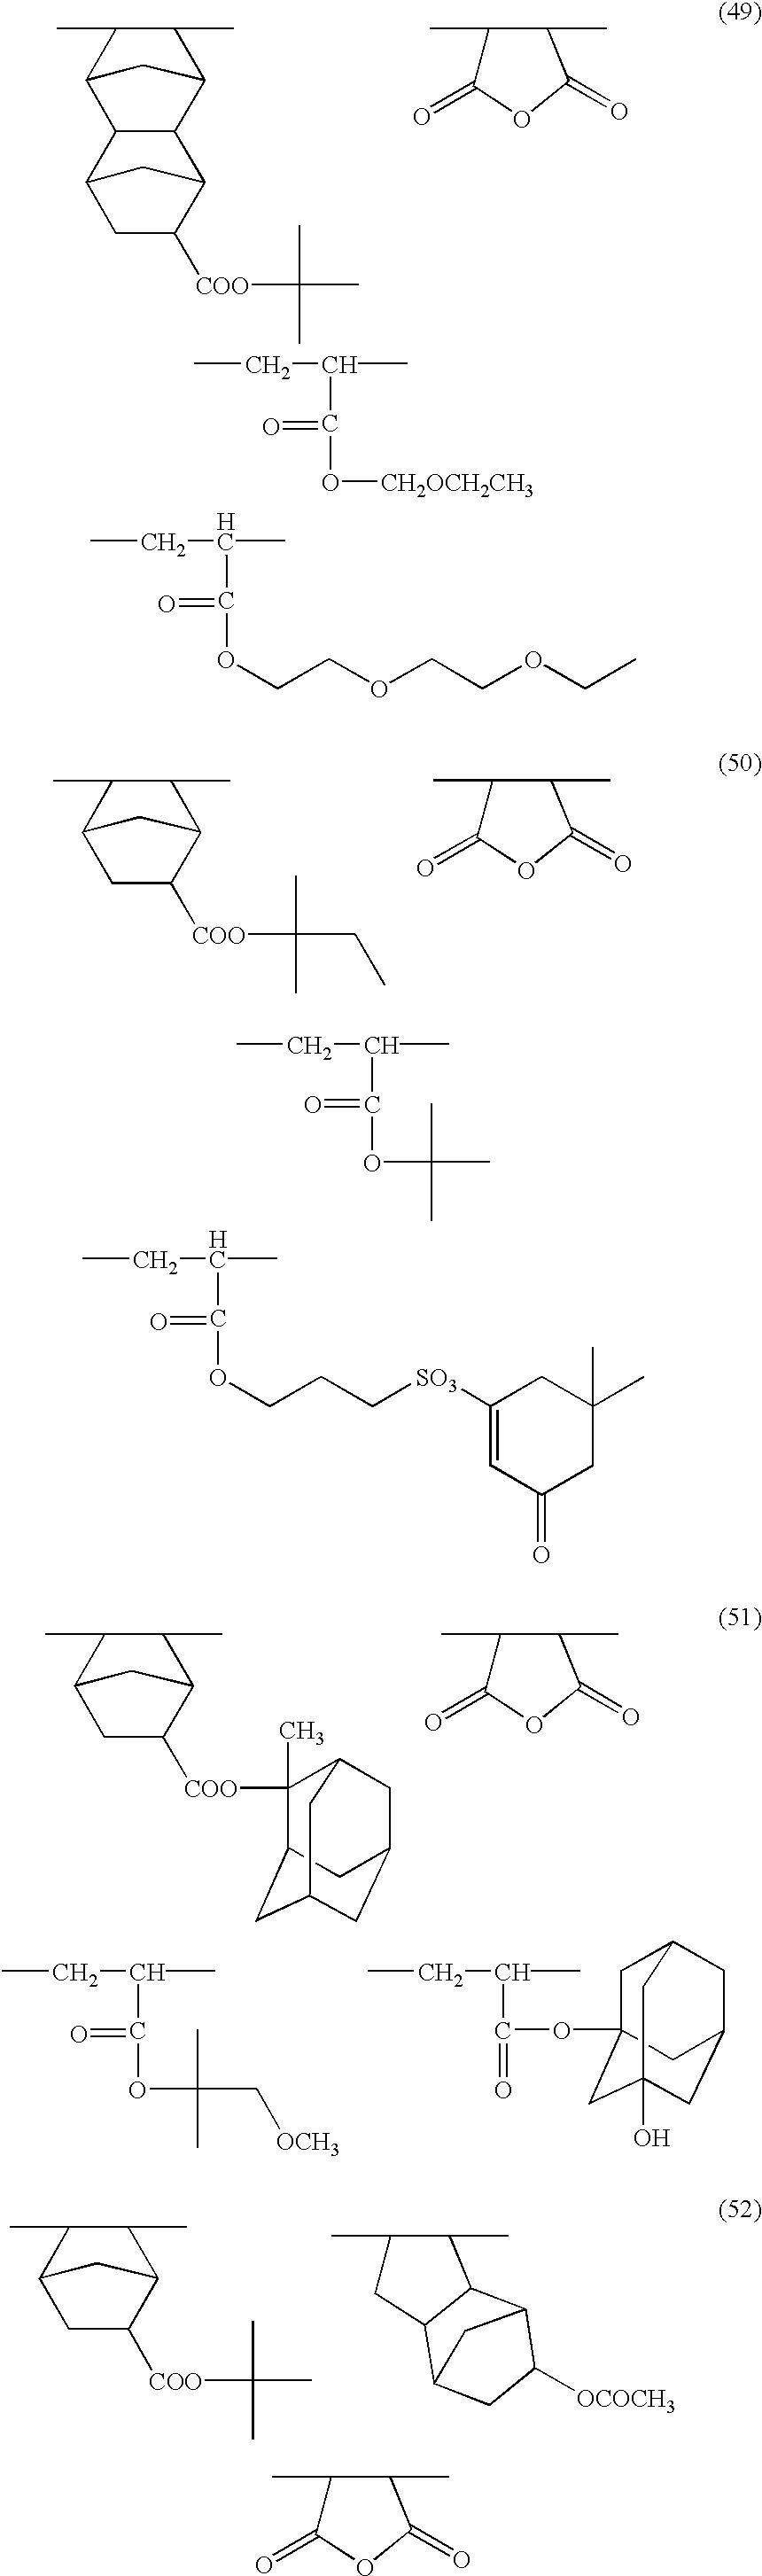 Figure US06492091-20021210-C00107